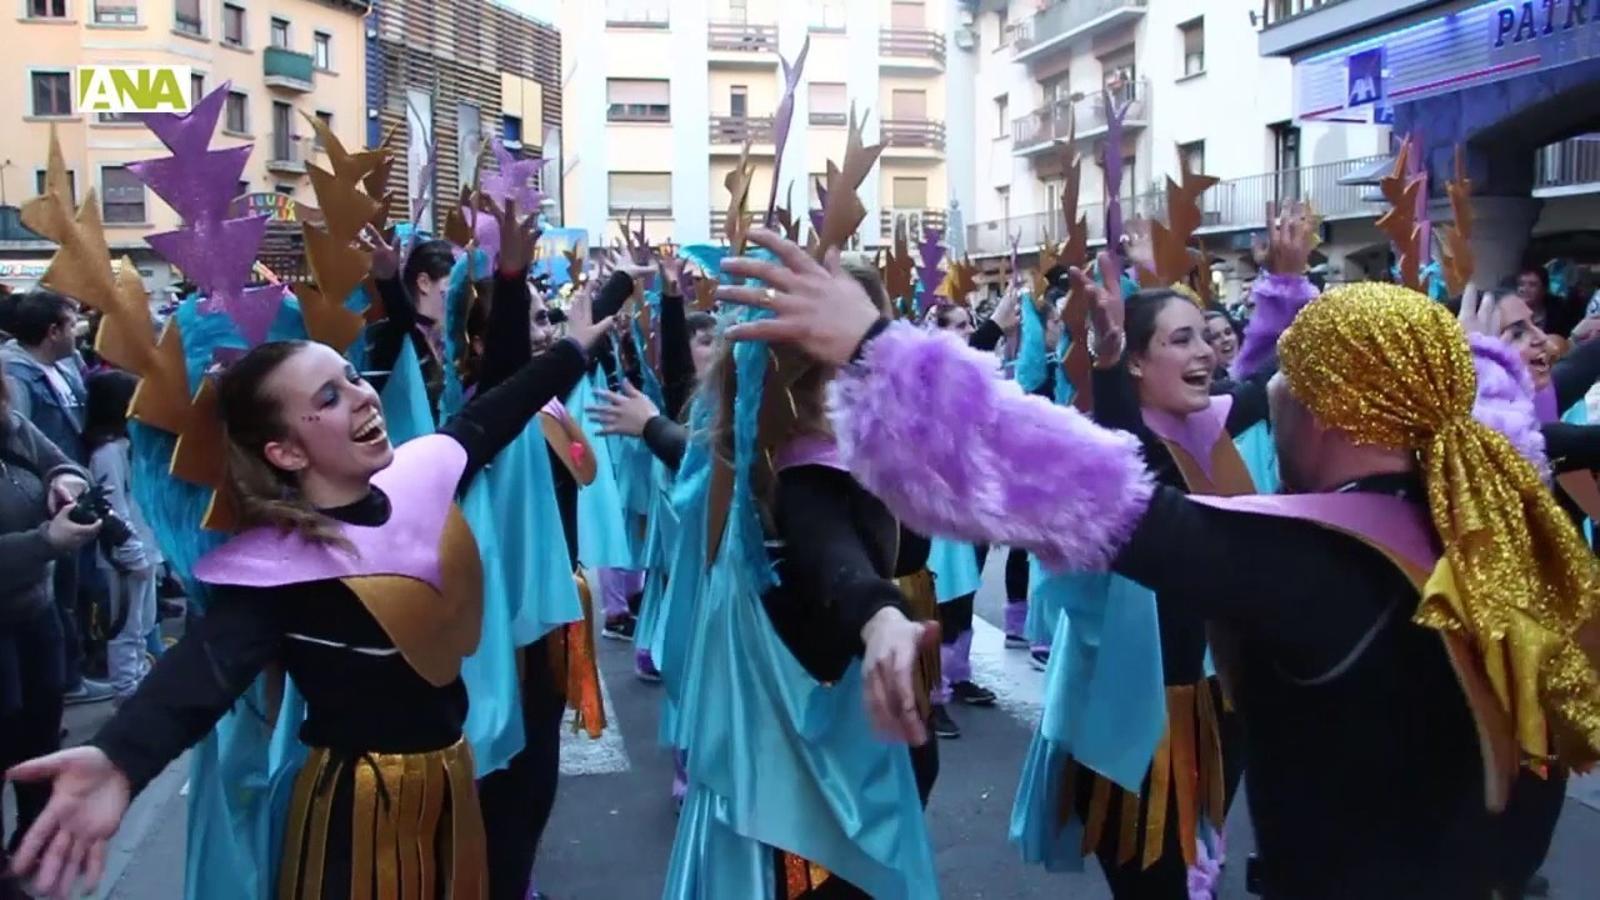 Mig miler de persones participen en la rua del Carnaval d'Andorra la Vella i Escaldes